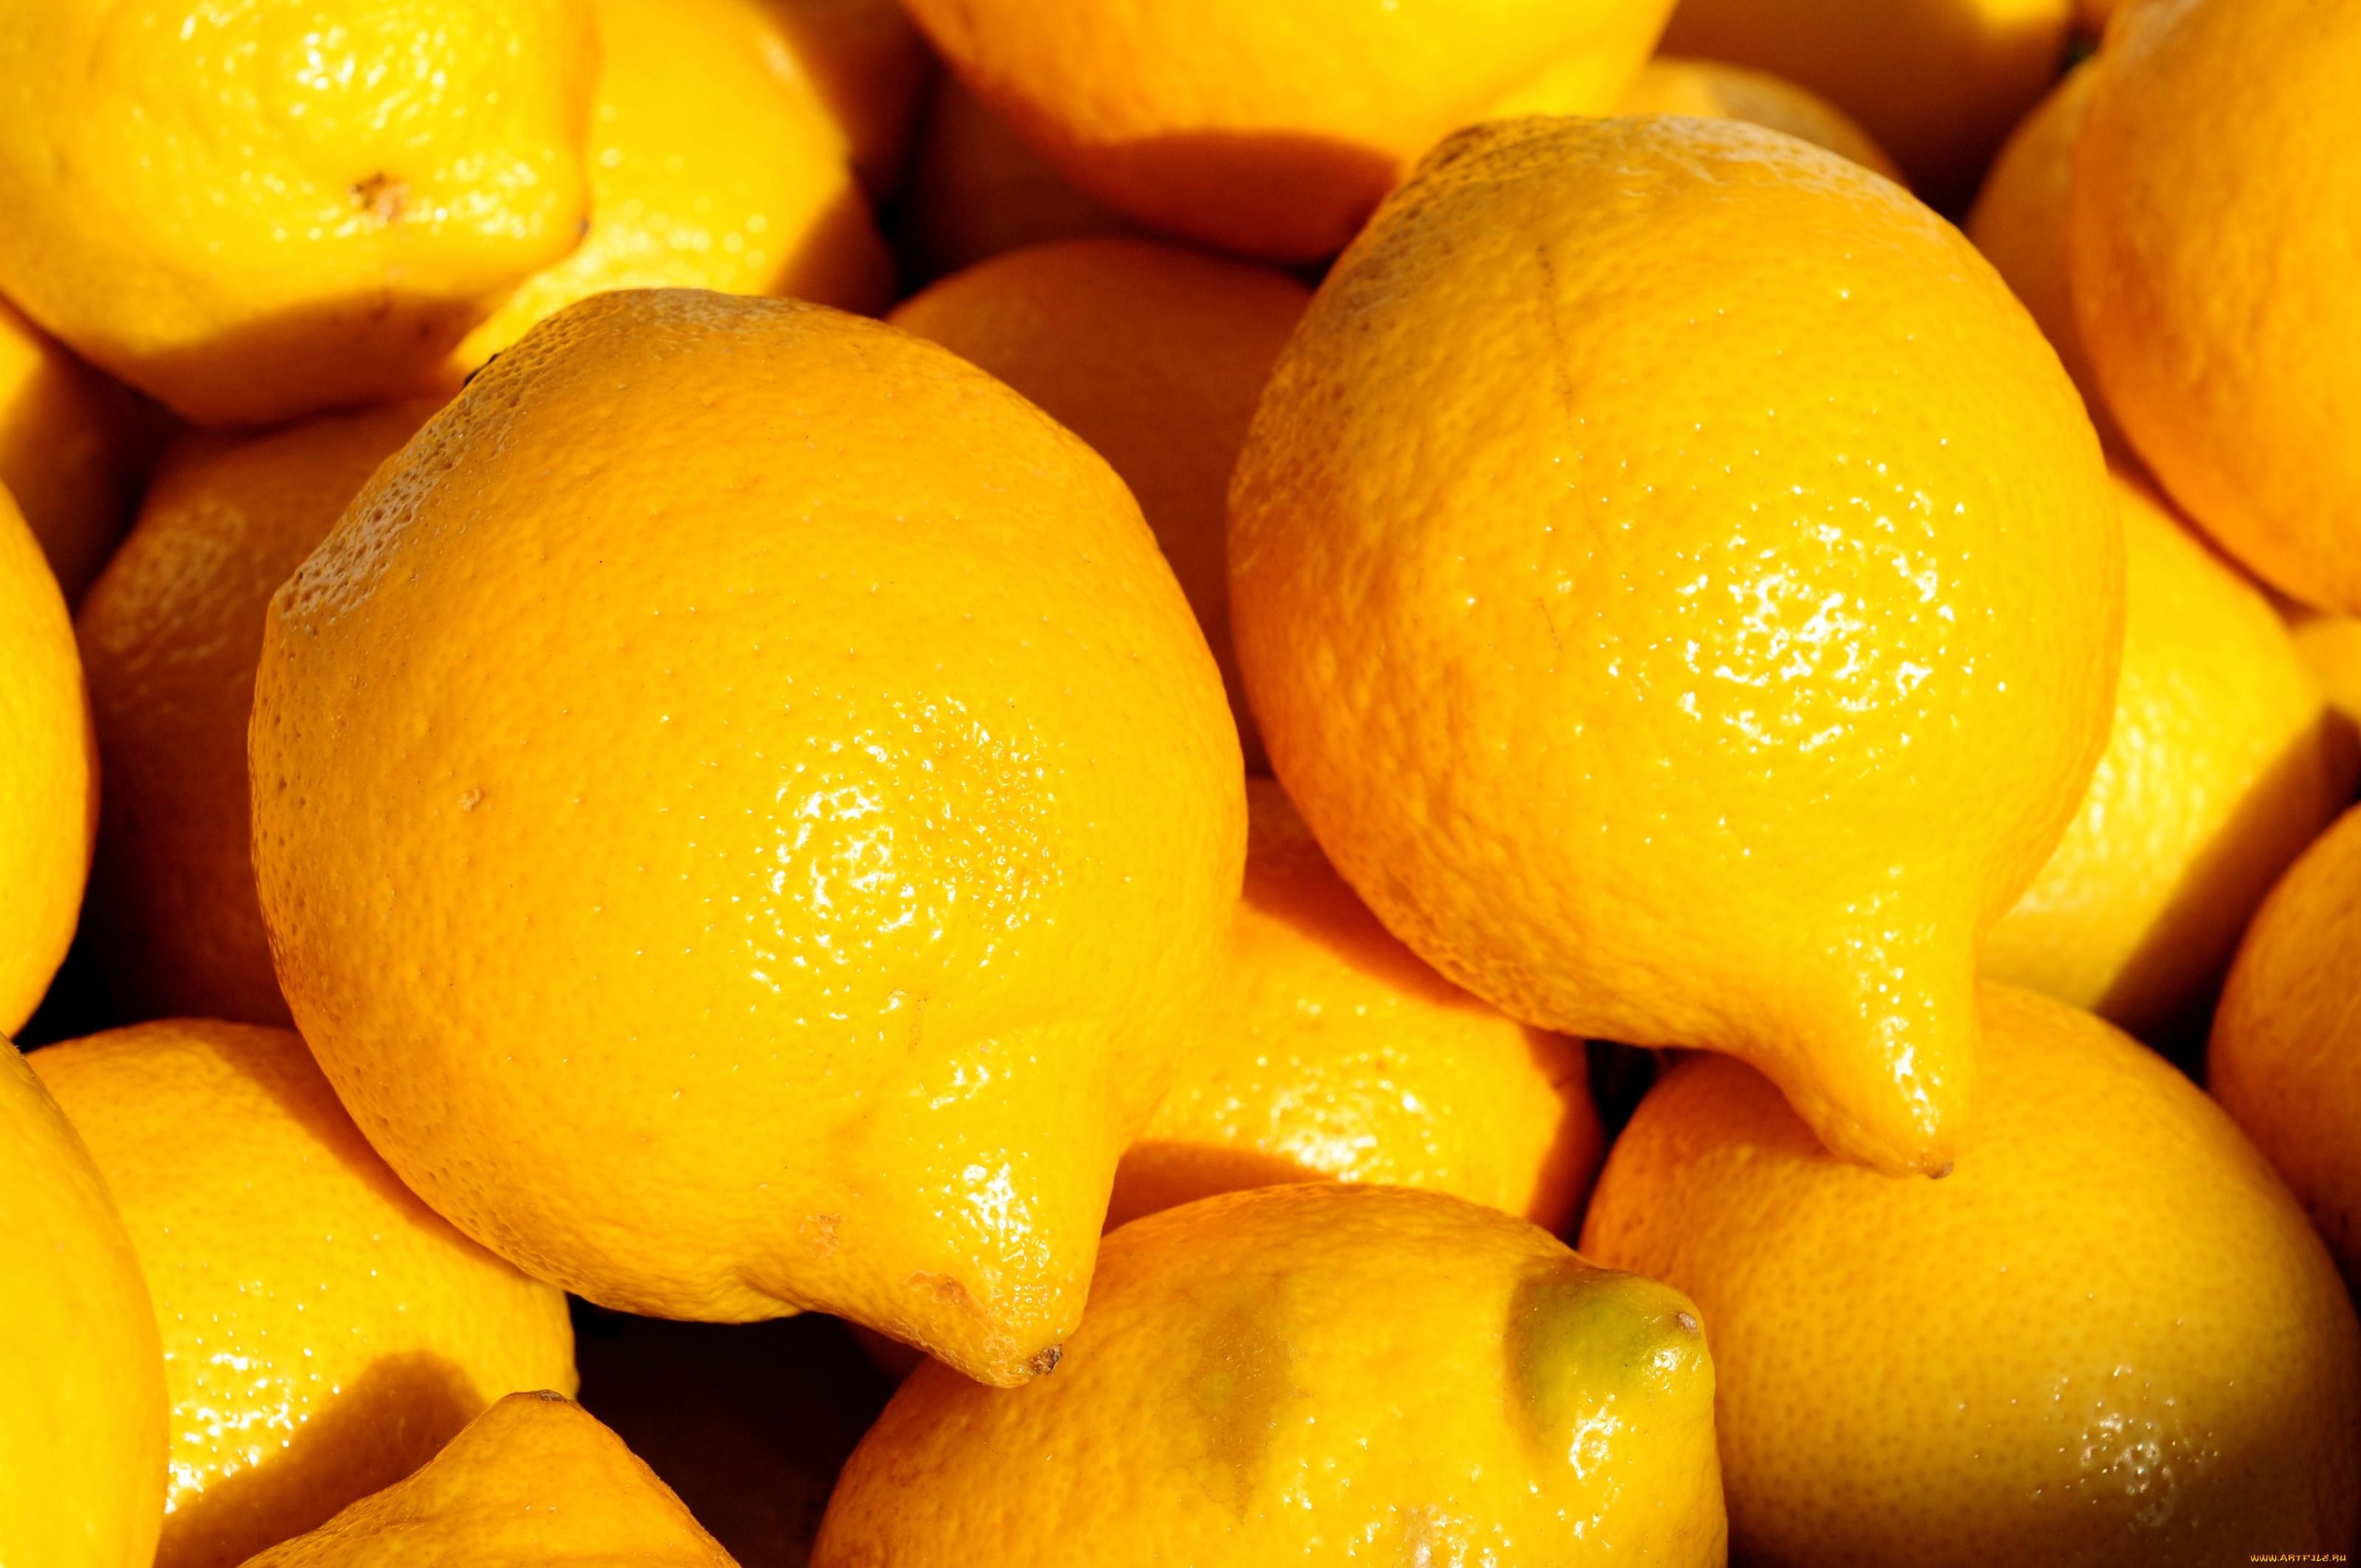 Картинка с лимонами на заставку